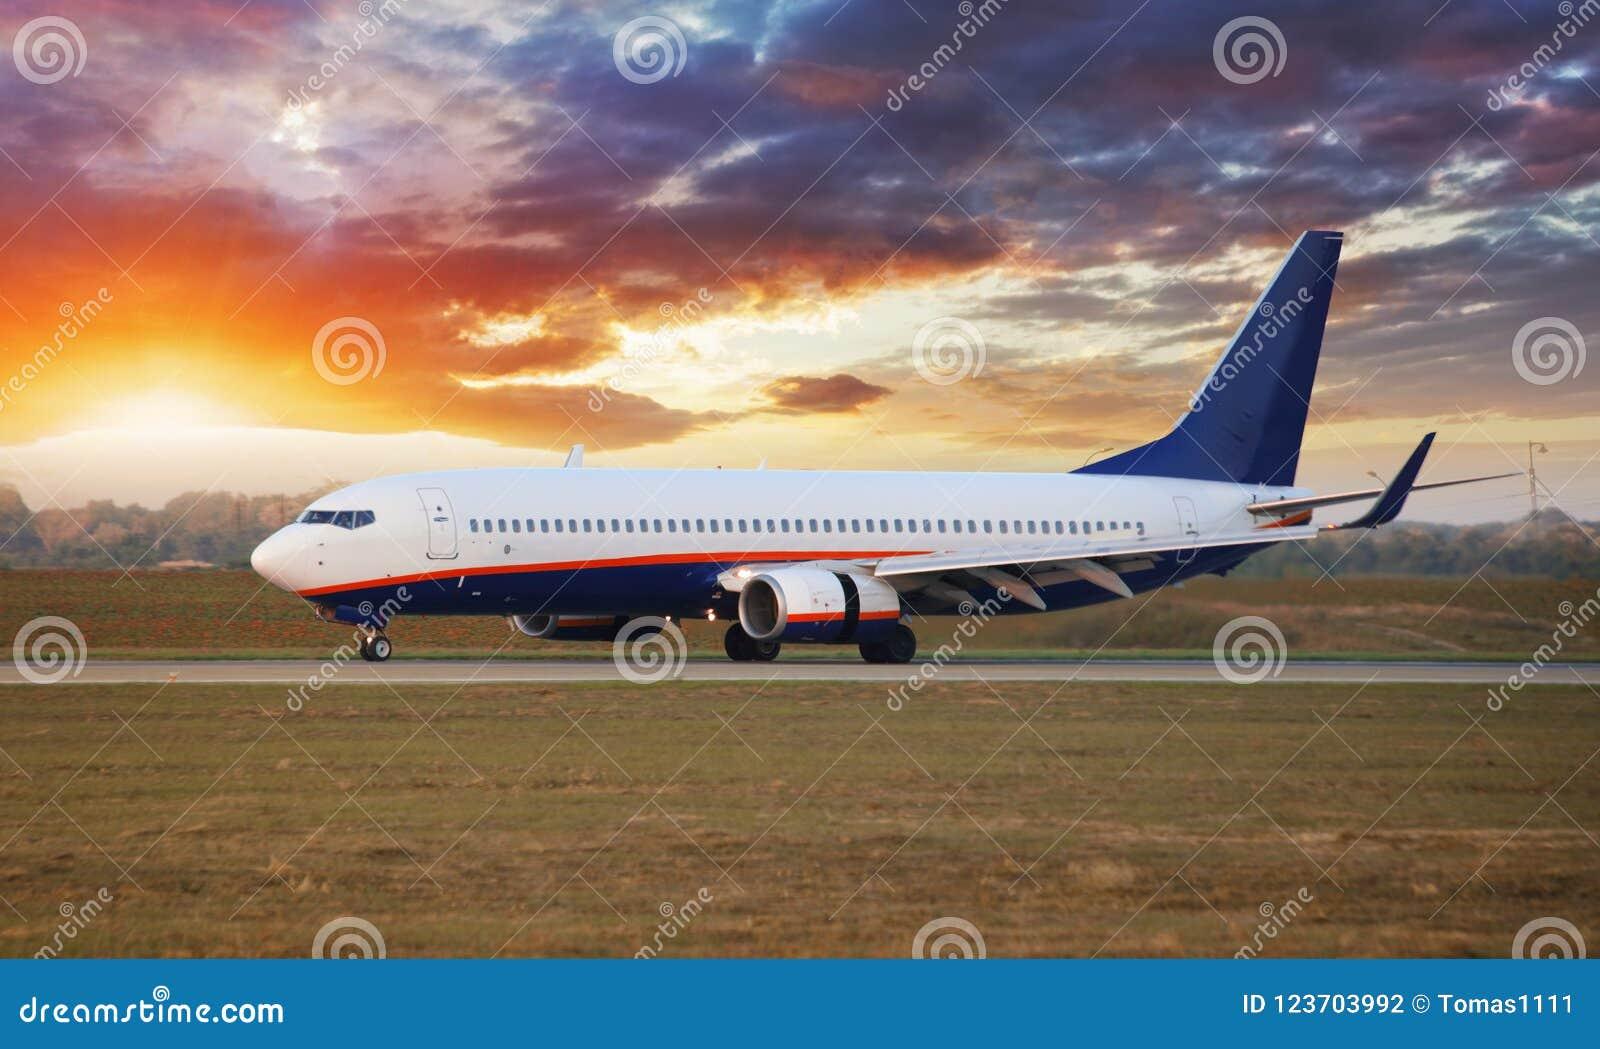 Aeroplano del aterrizaje en aeropuerto en la puesta del sol